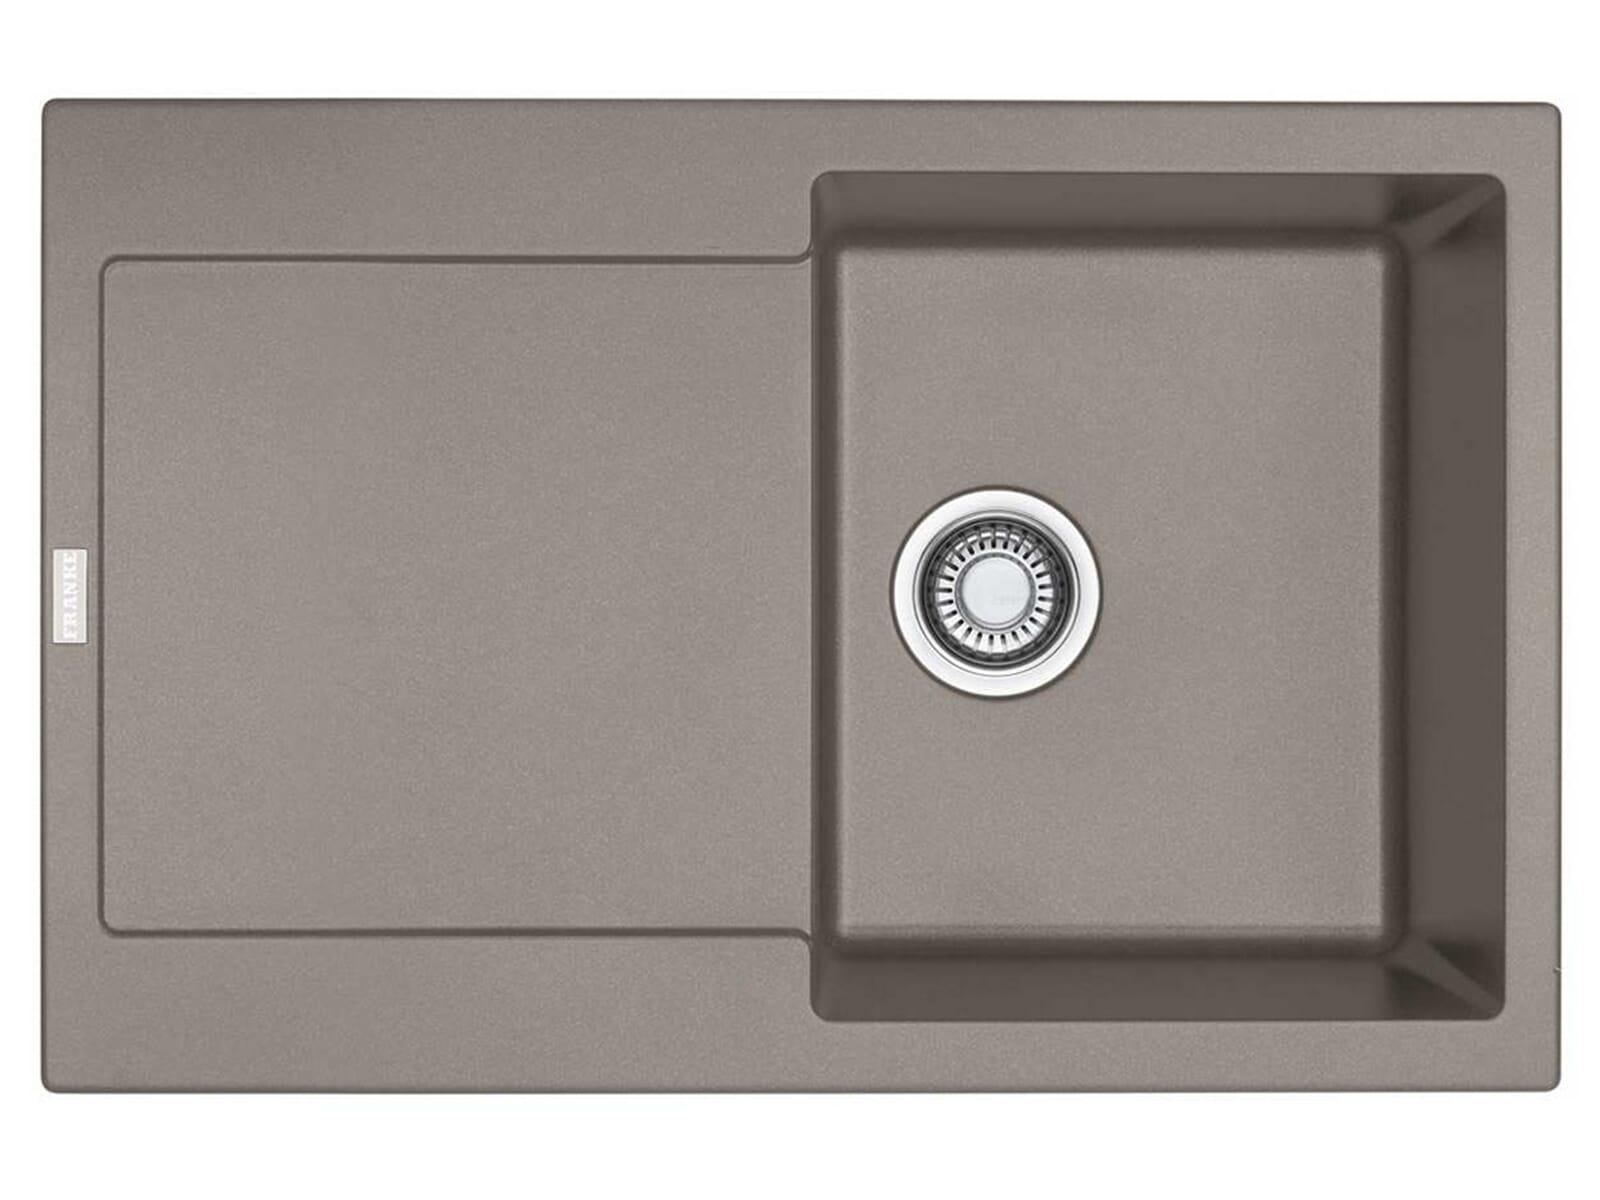 franke maris mrg 611 cashmere granitsp le druckknopfventil. Black Bedroom Furniture Sets. Home Design Ideas